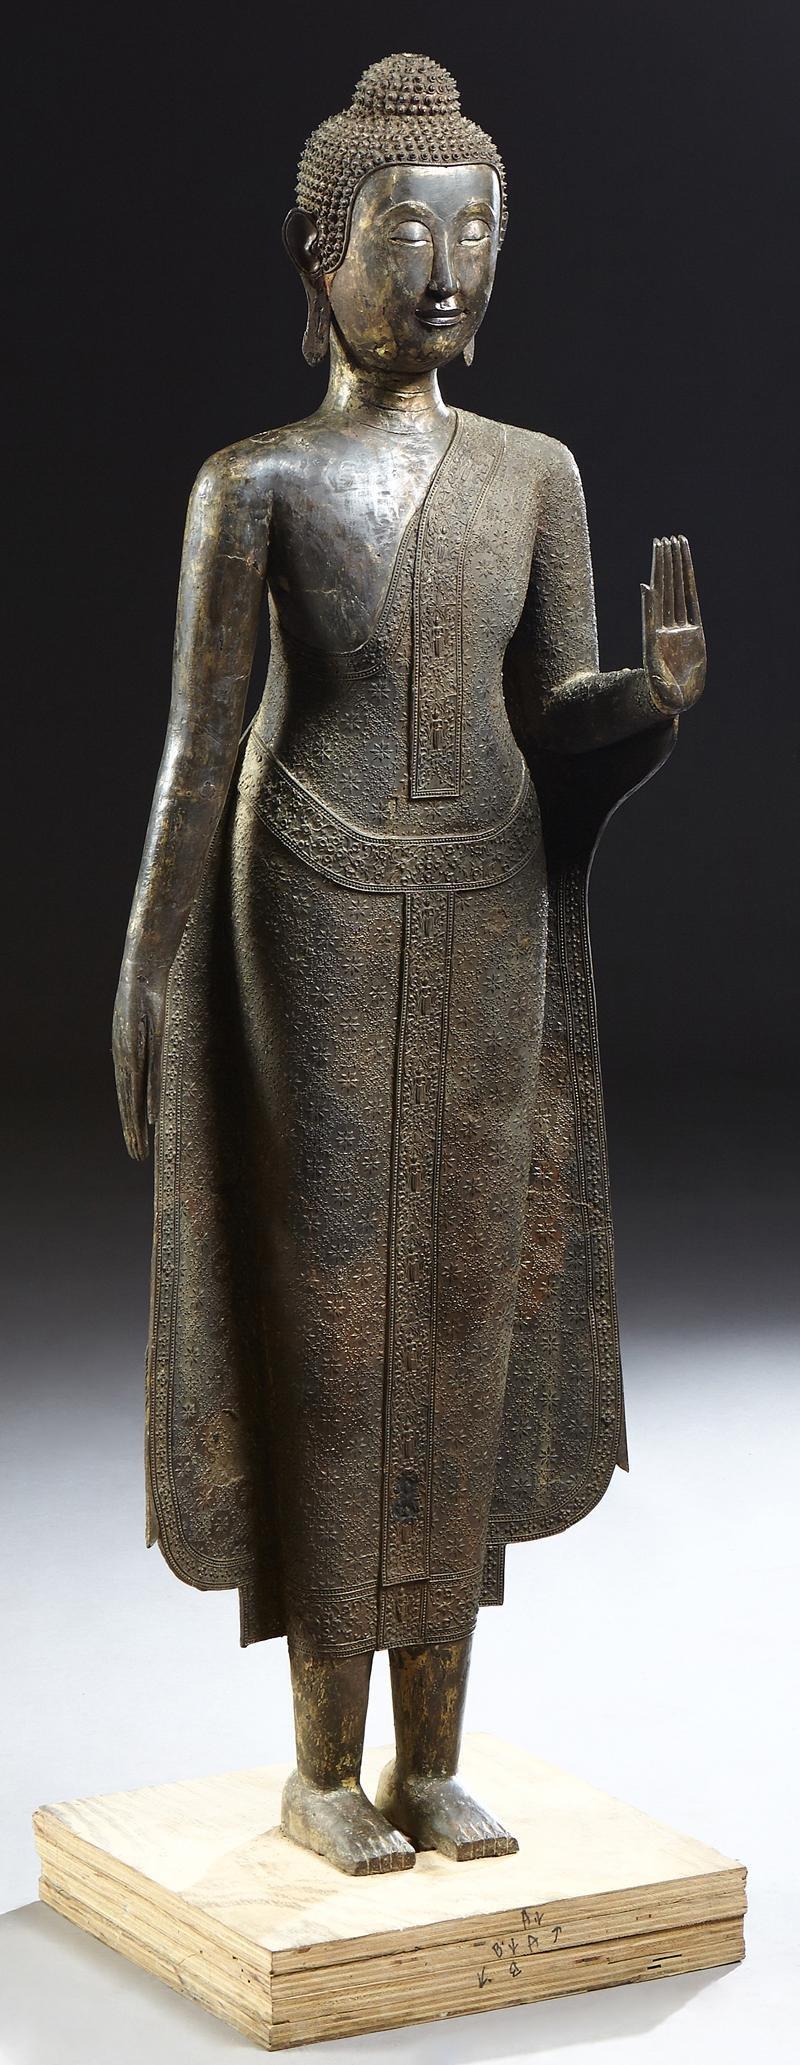 Thai Patinated Bronze Standing Buddha Figure, 19th c.,